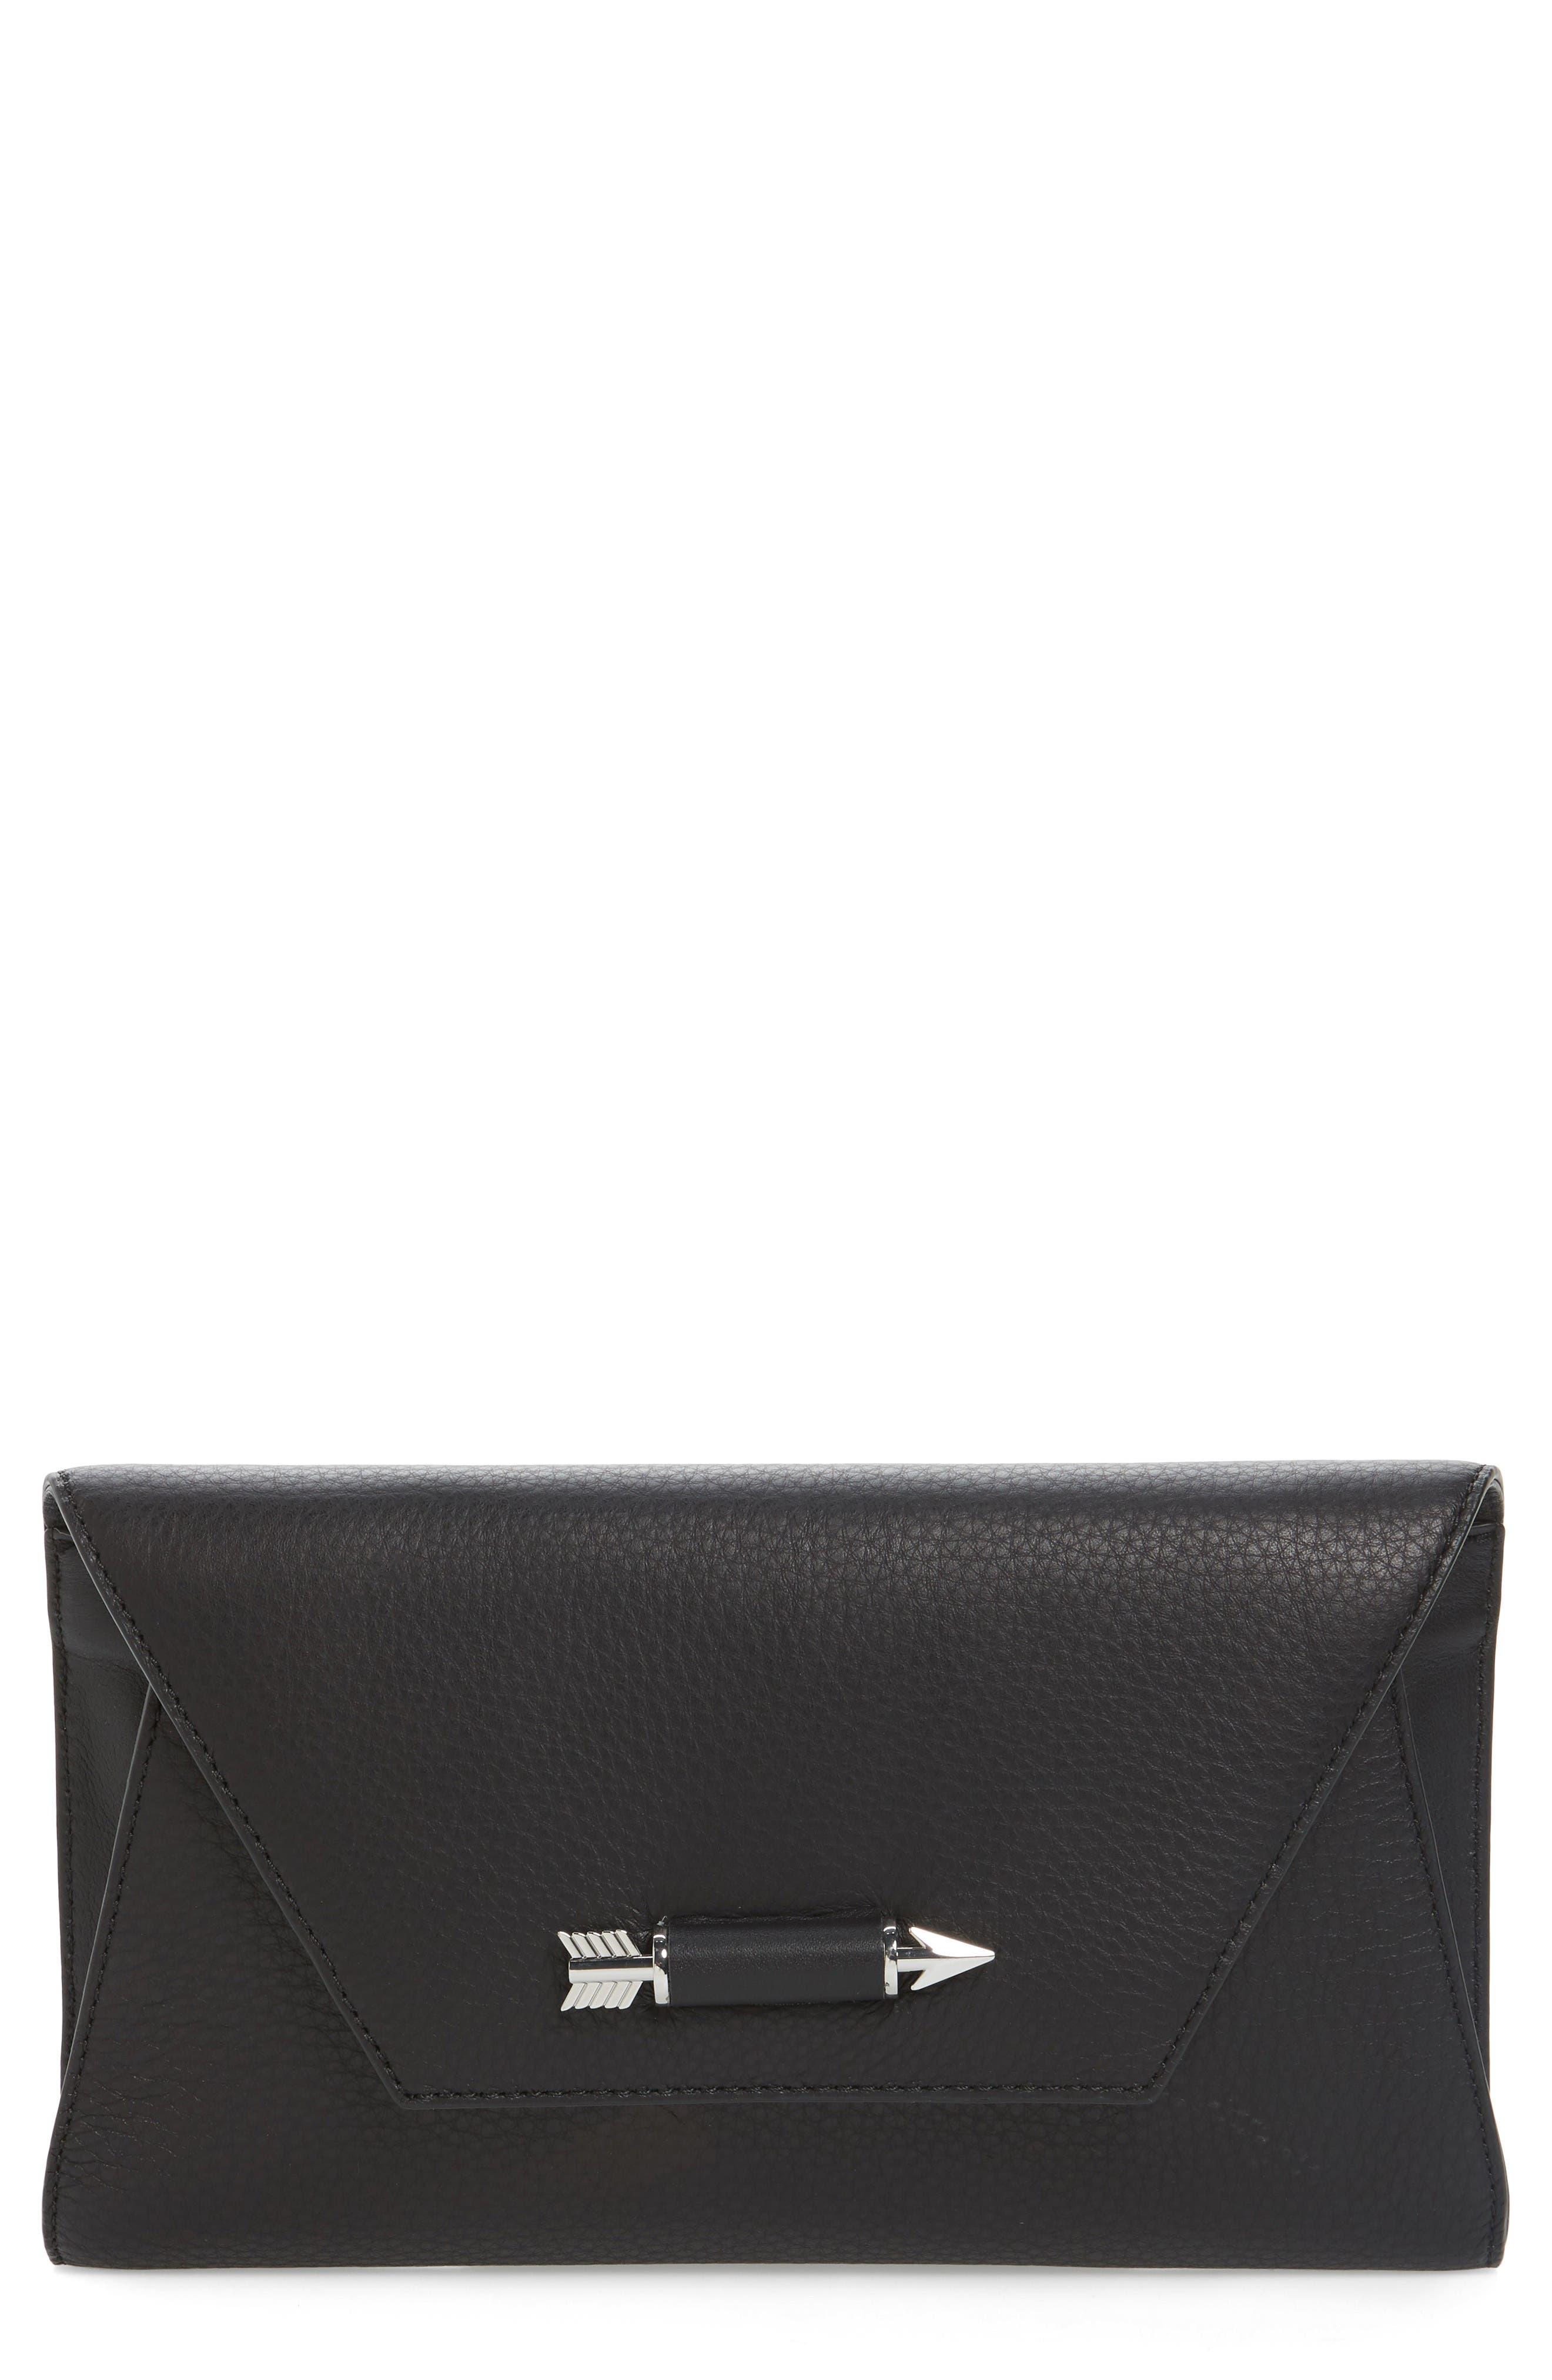 Flex Leather Envelope Clutch,                             Main thumbnail 1, color,                             Black